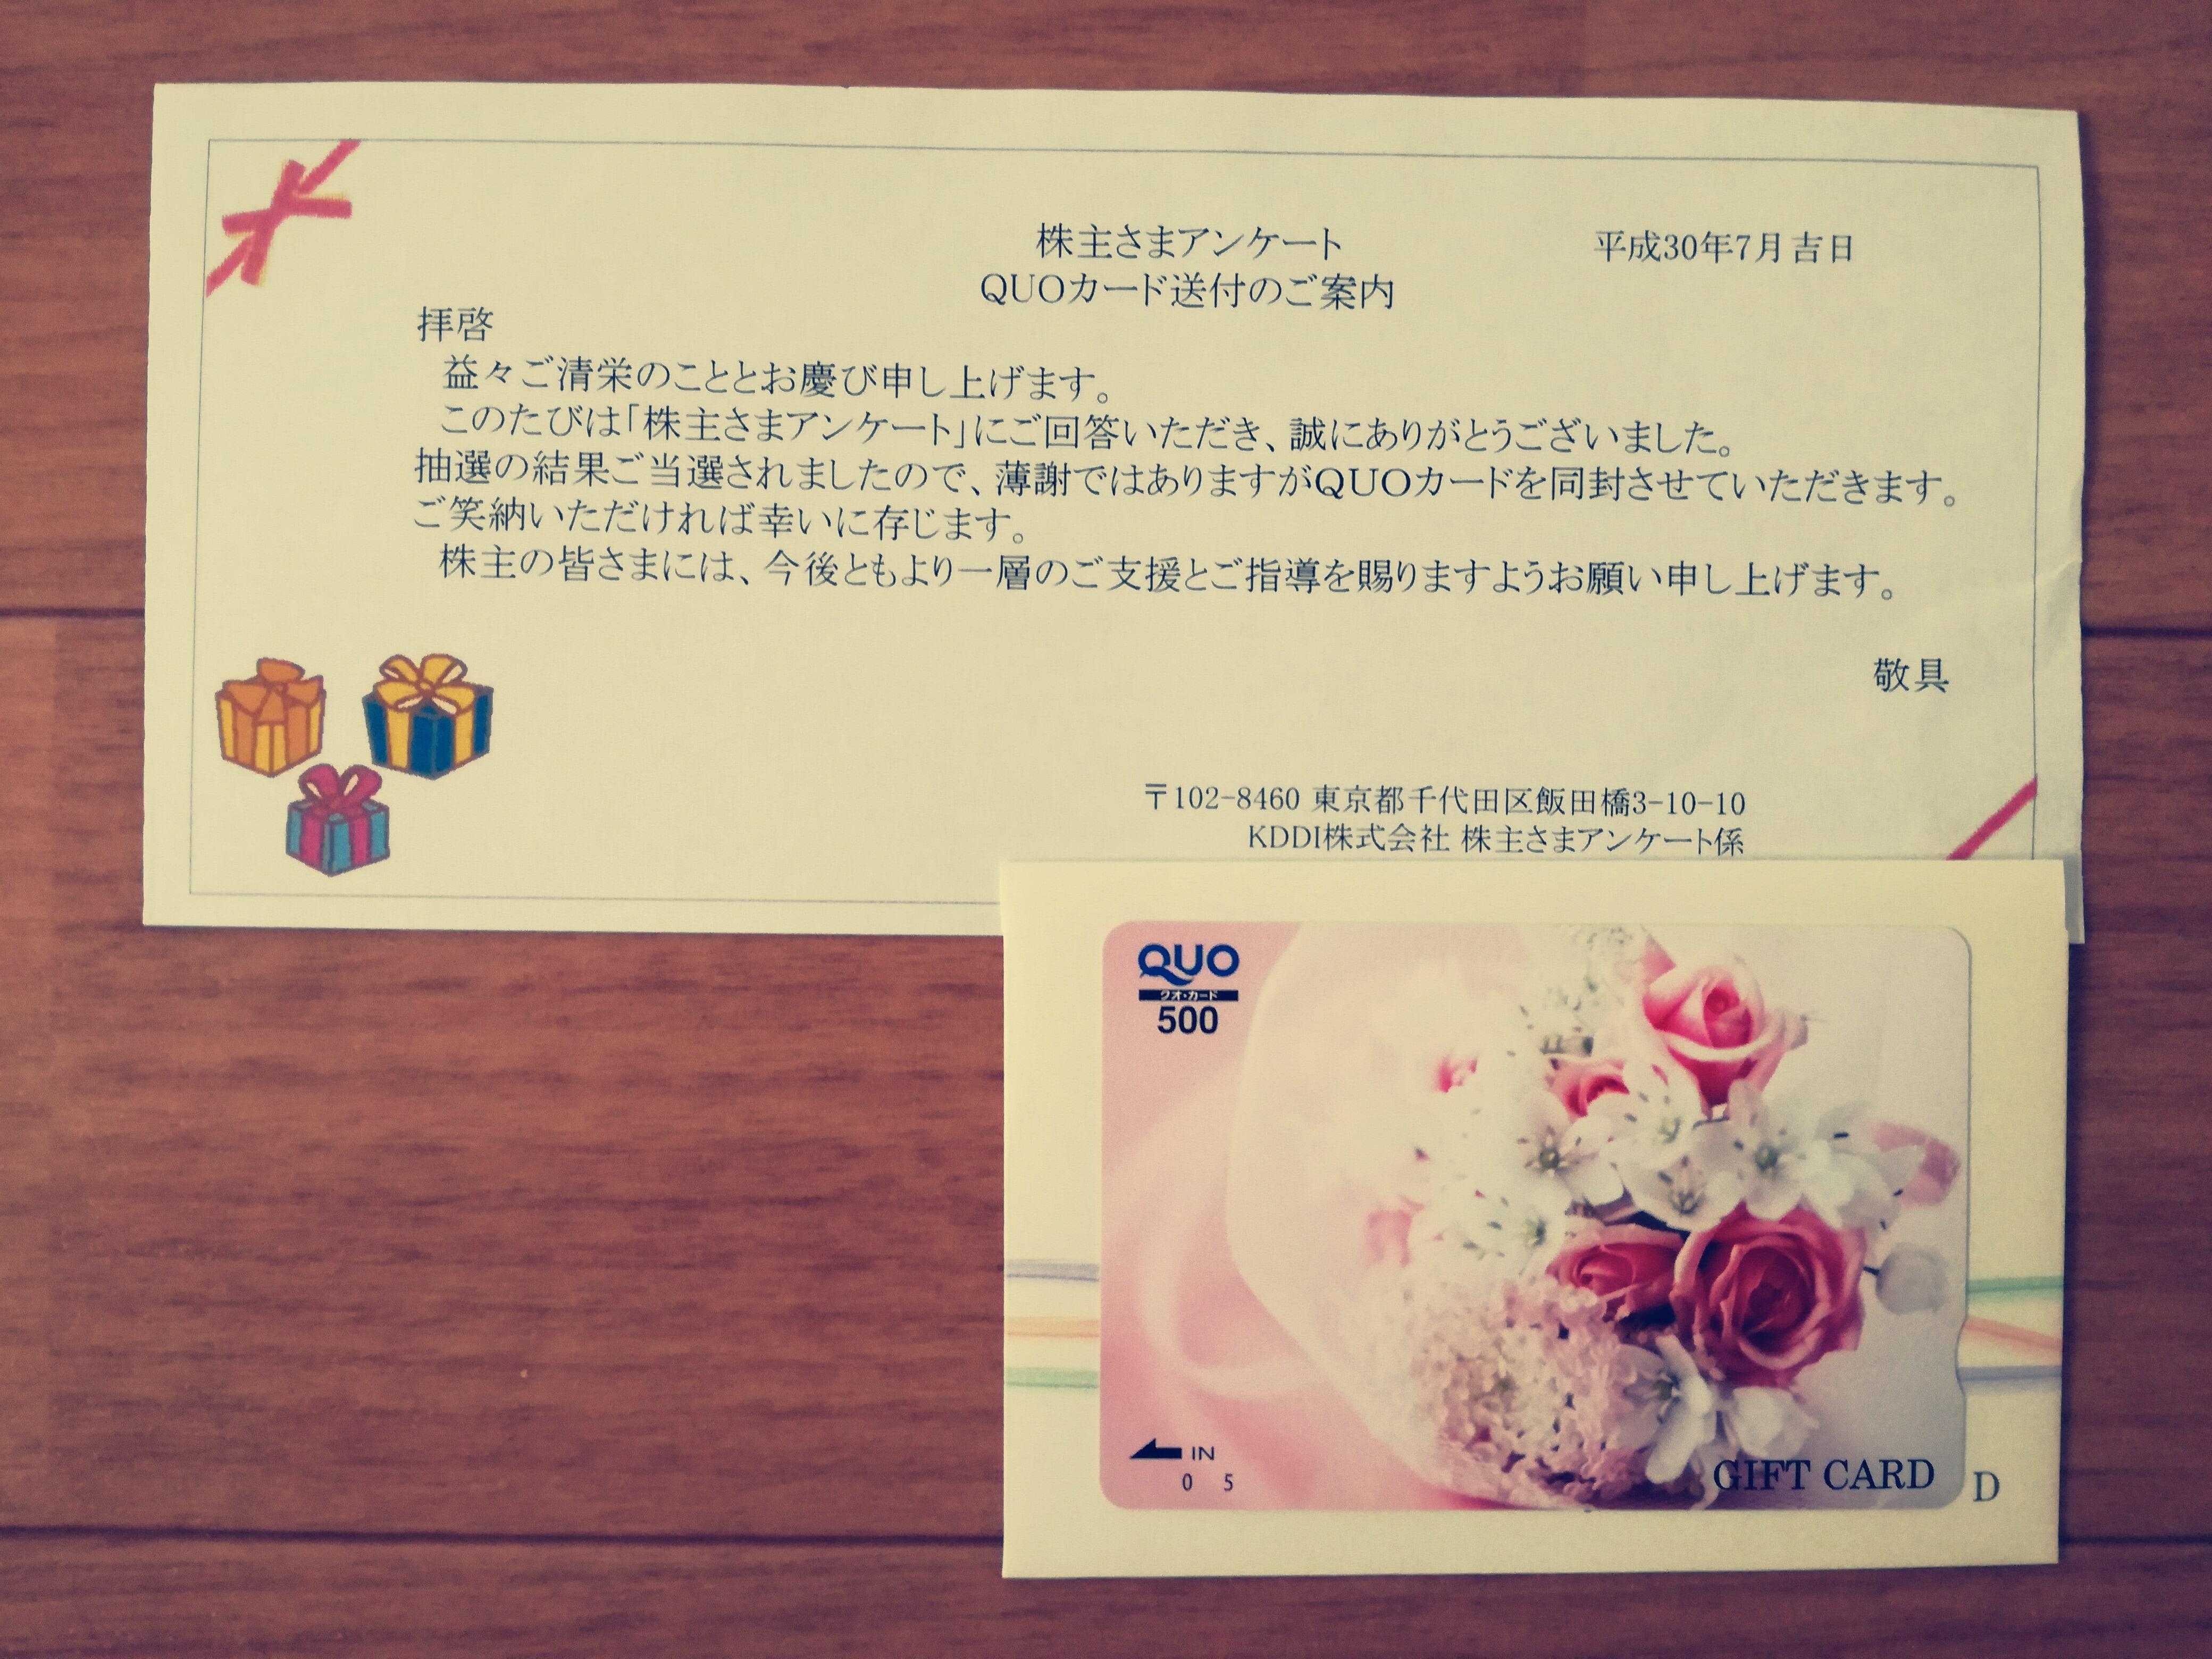 KDDI(9433)の株主アンケートでクオカード500円が当選!